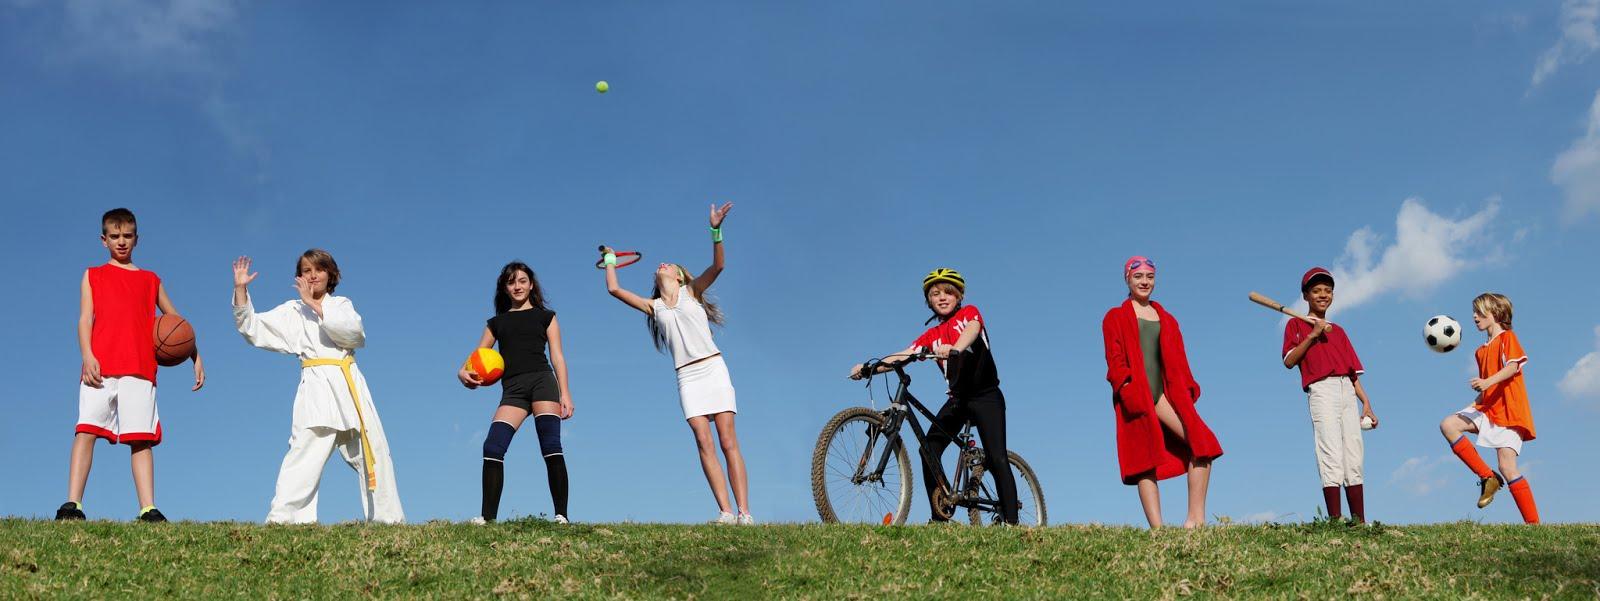 Sports - Deportes